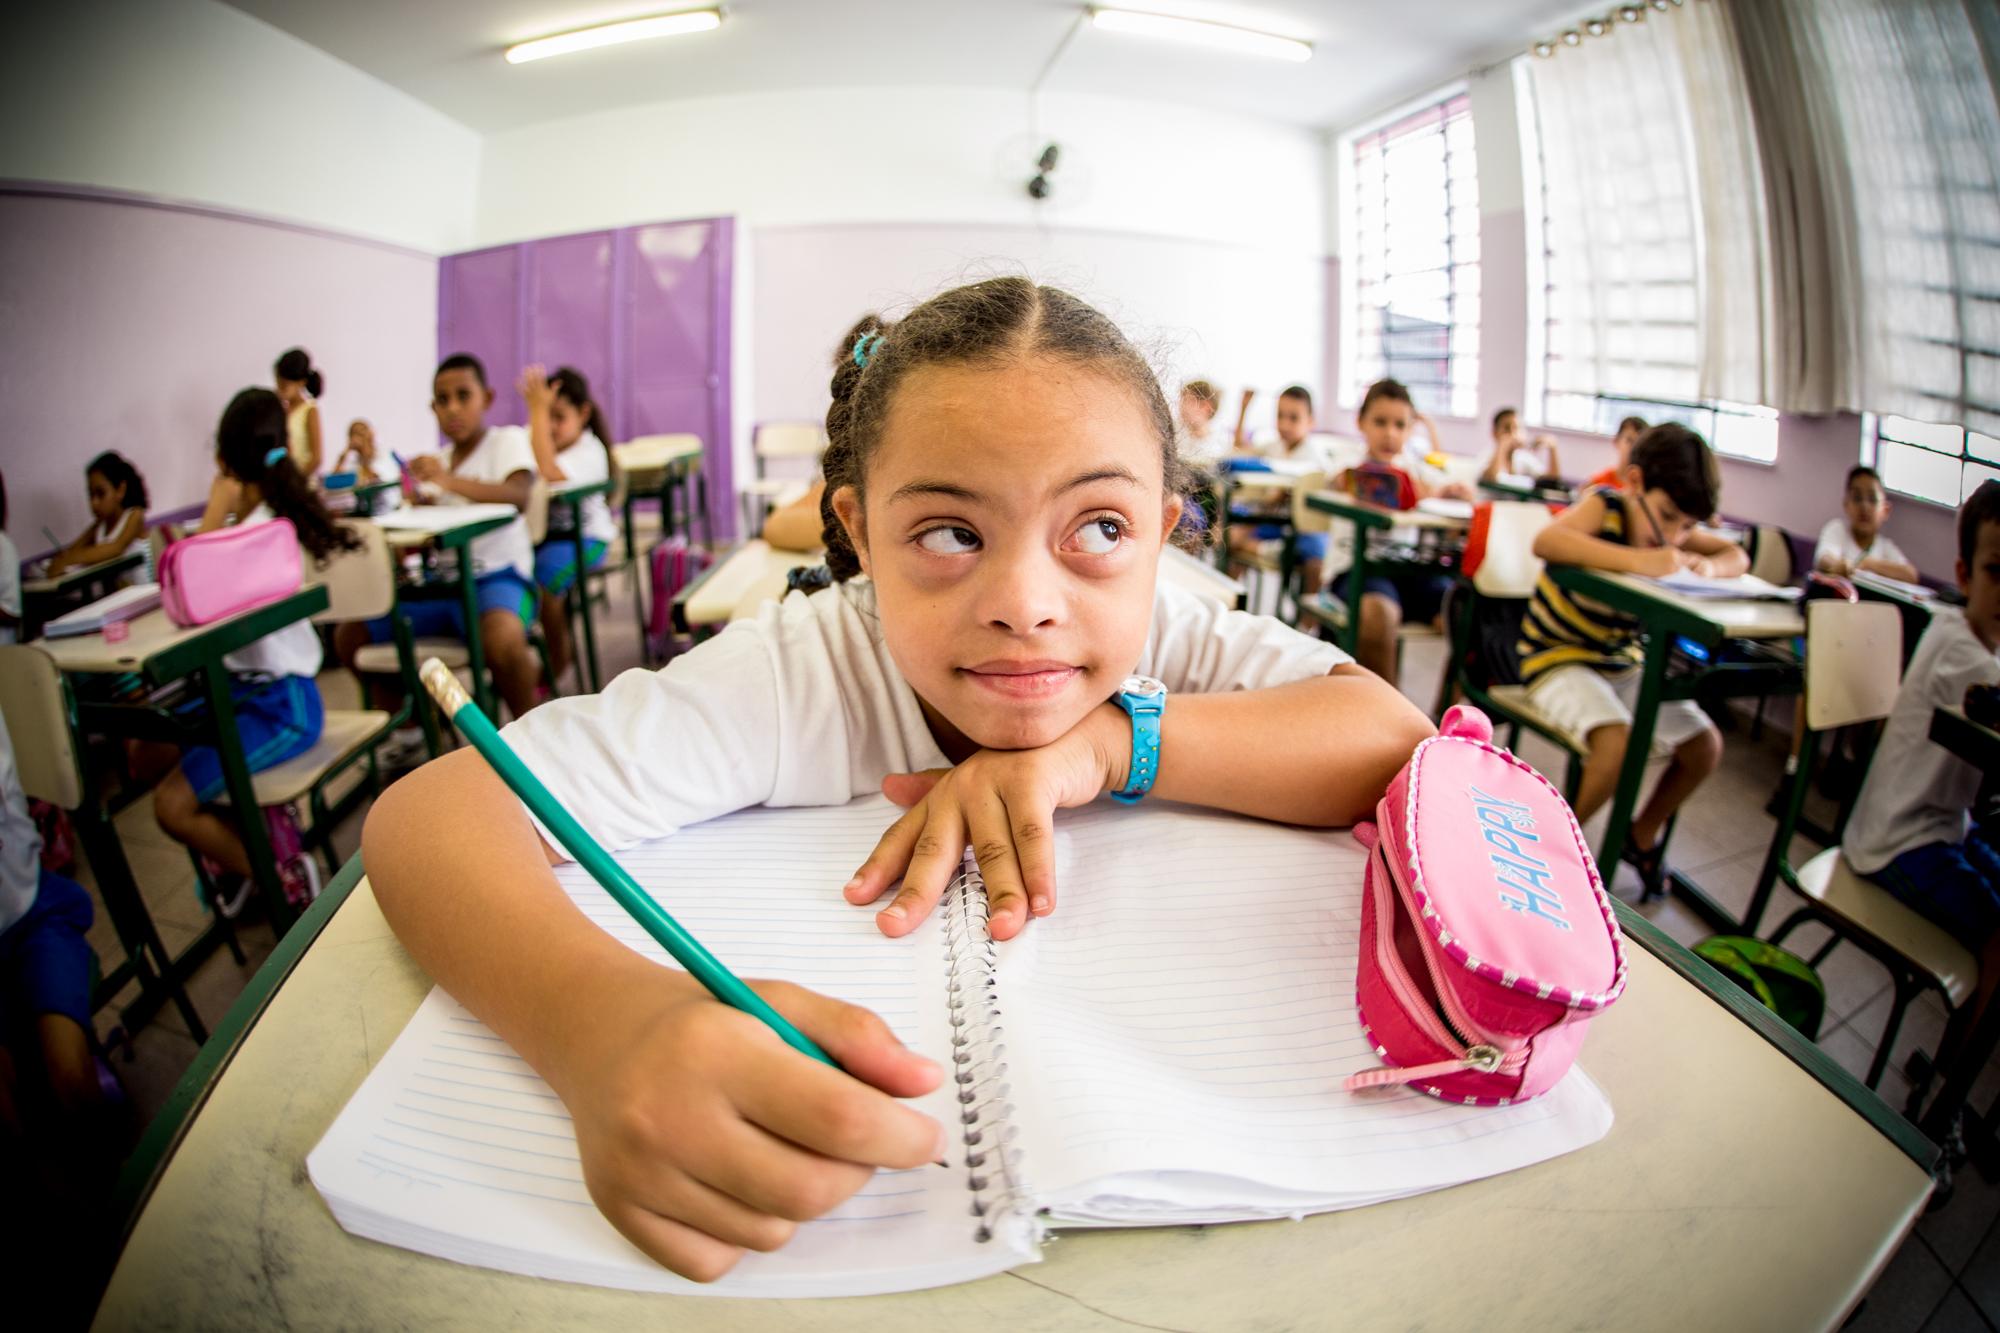 Lettícia da Silva Santos Azevedo, de 7 anos, tem sindrome de Down e estuda na Escola Municipal Celso Leite Ribeiro Filho, em São Paulo. Pela manhã, a garota altera atividades na Apae de São Paulo e na ONG Novo Olhar